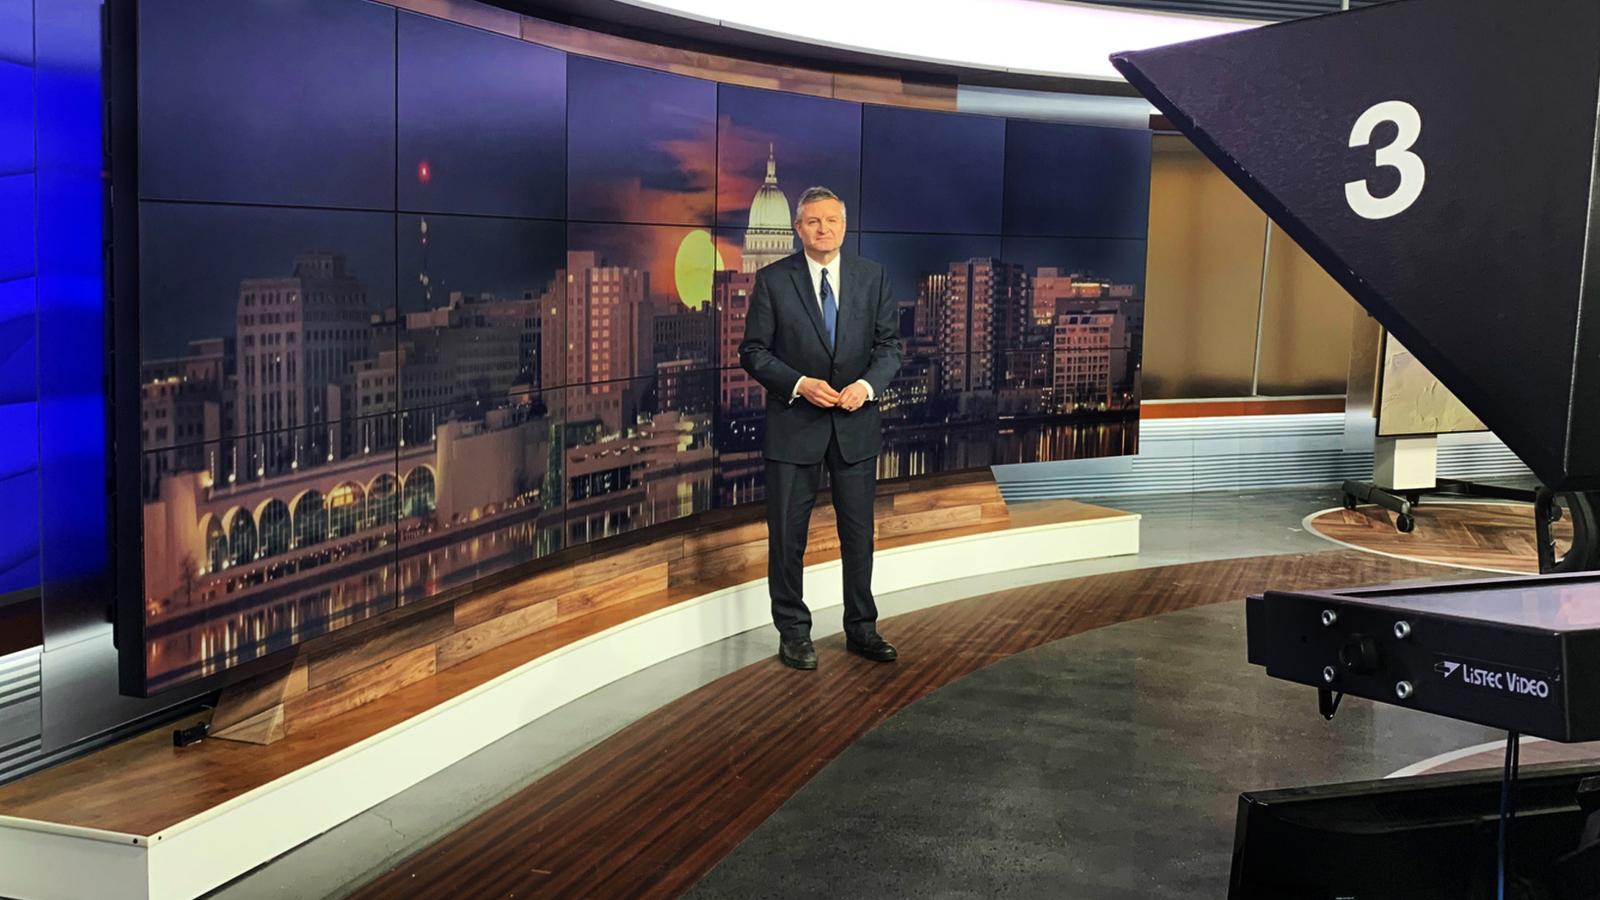 NCS_News-3-Now-WISC-TV_Studio_005